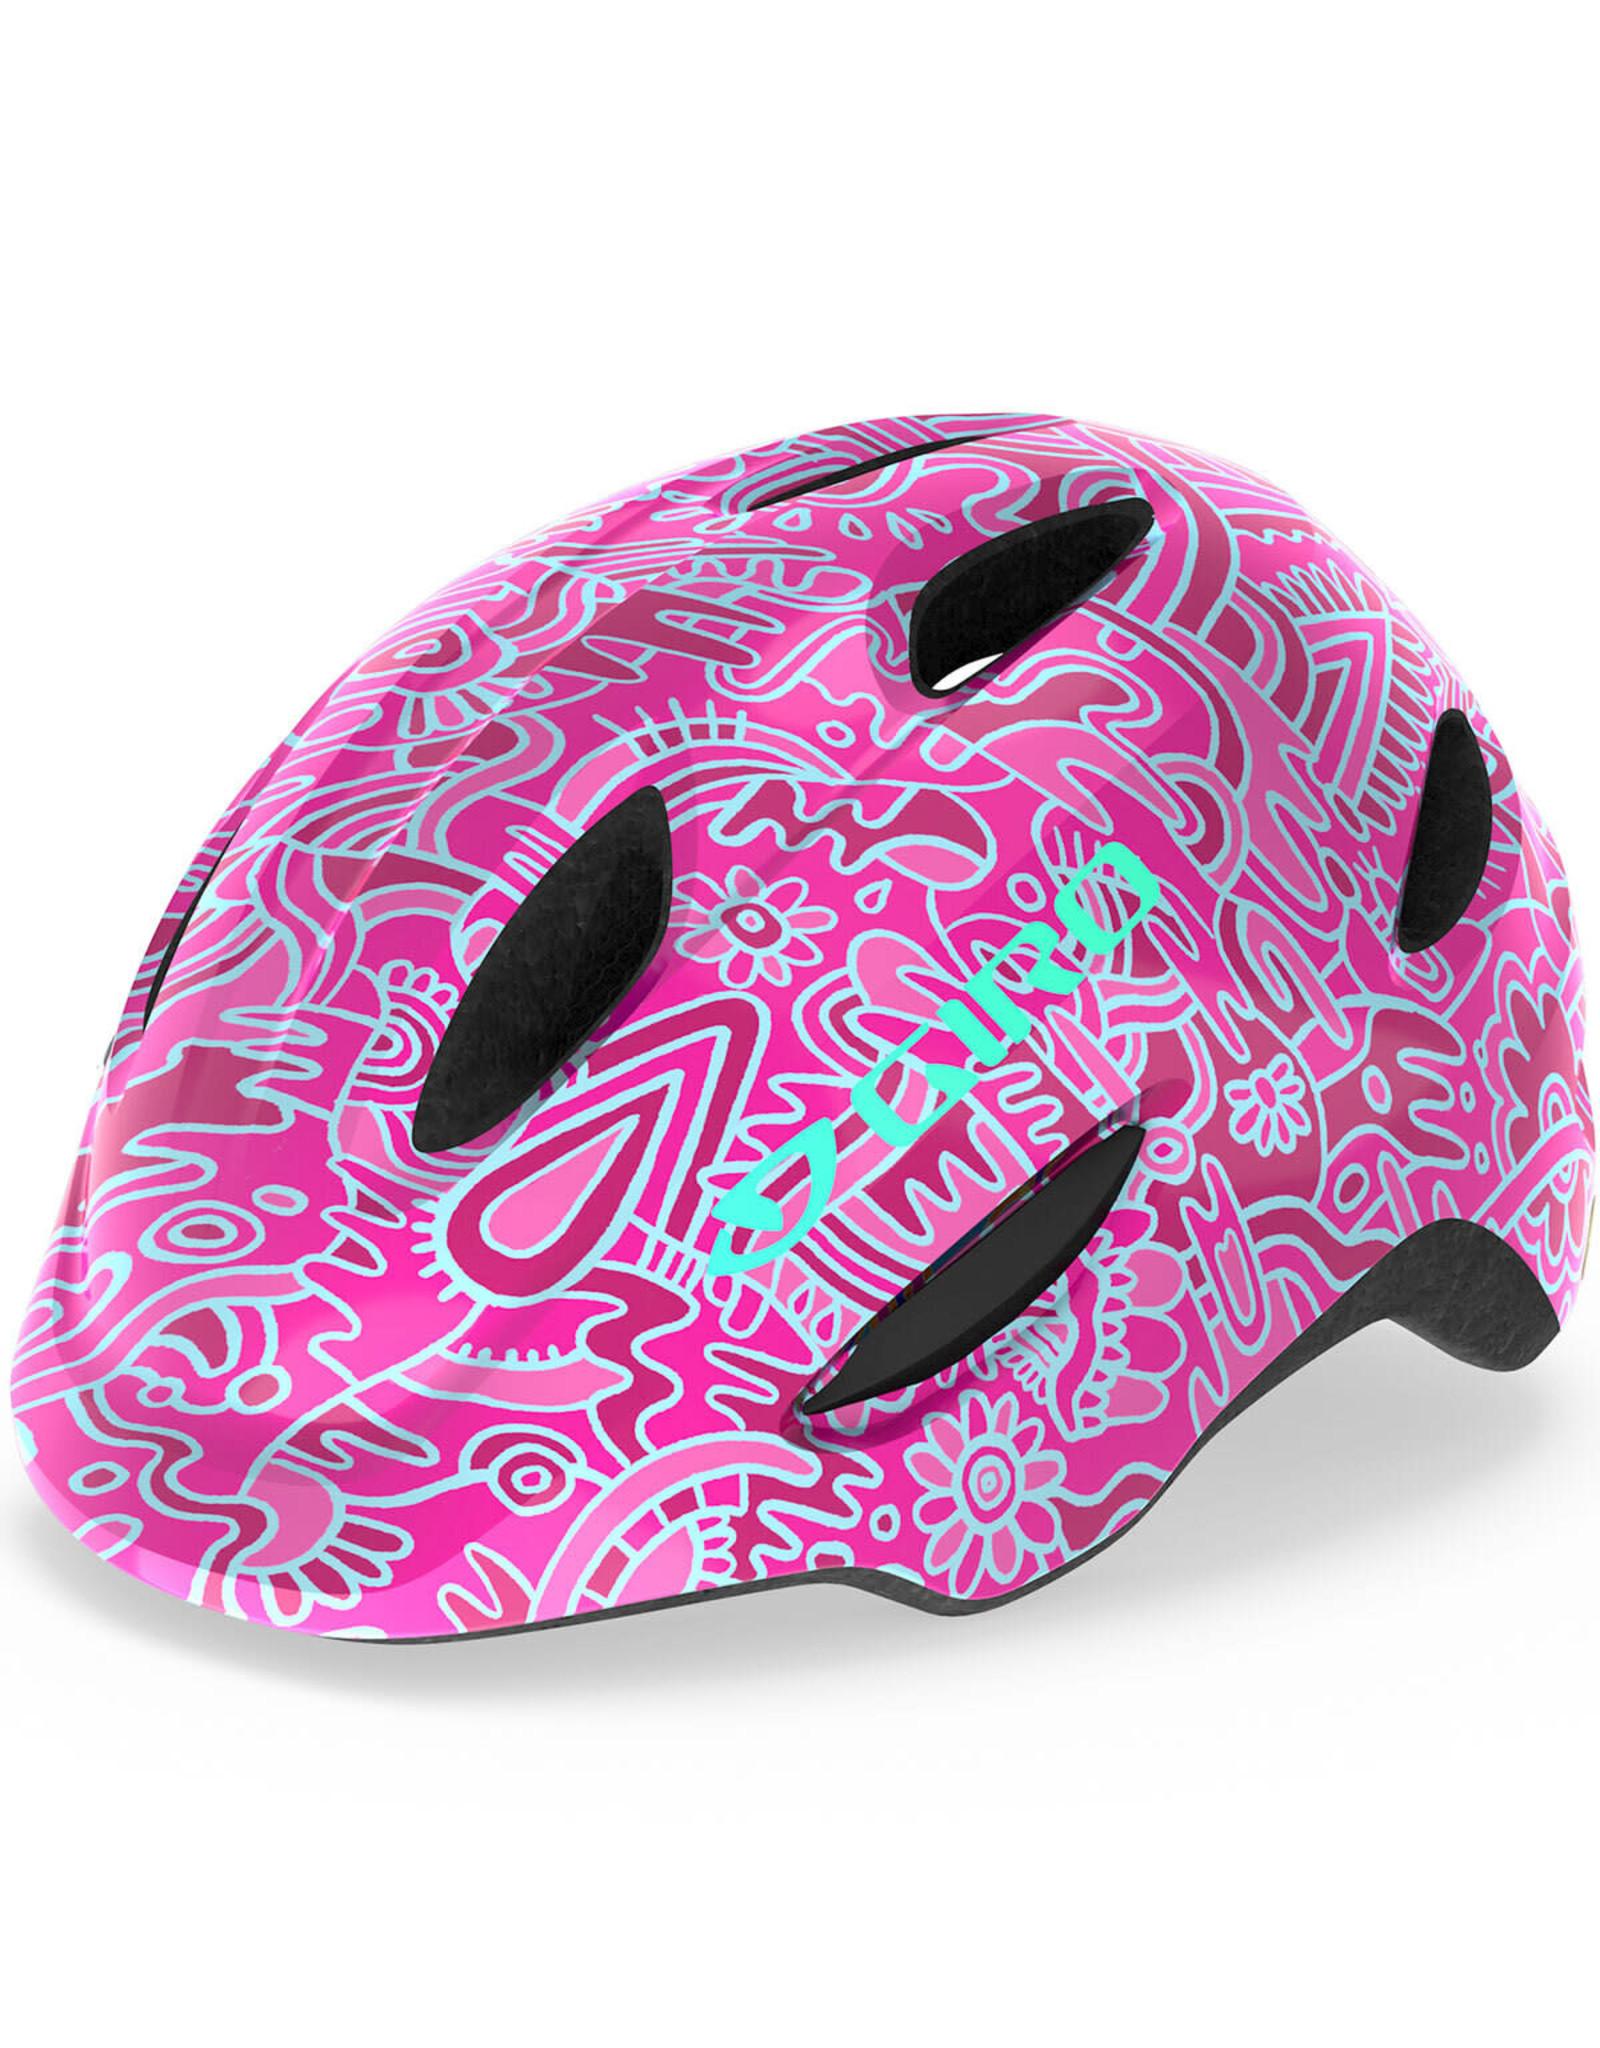 Giro Cycling Giro Scamp